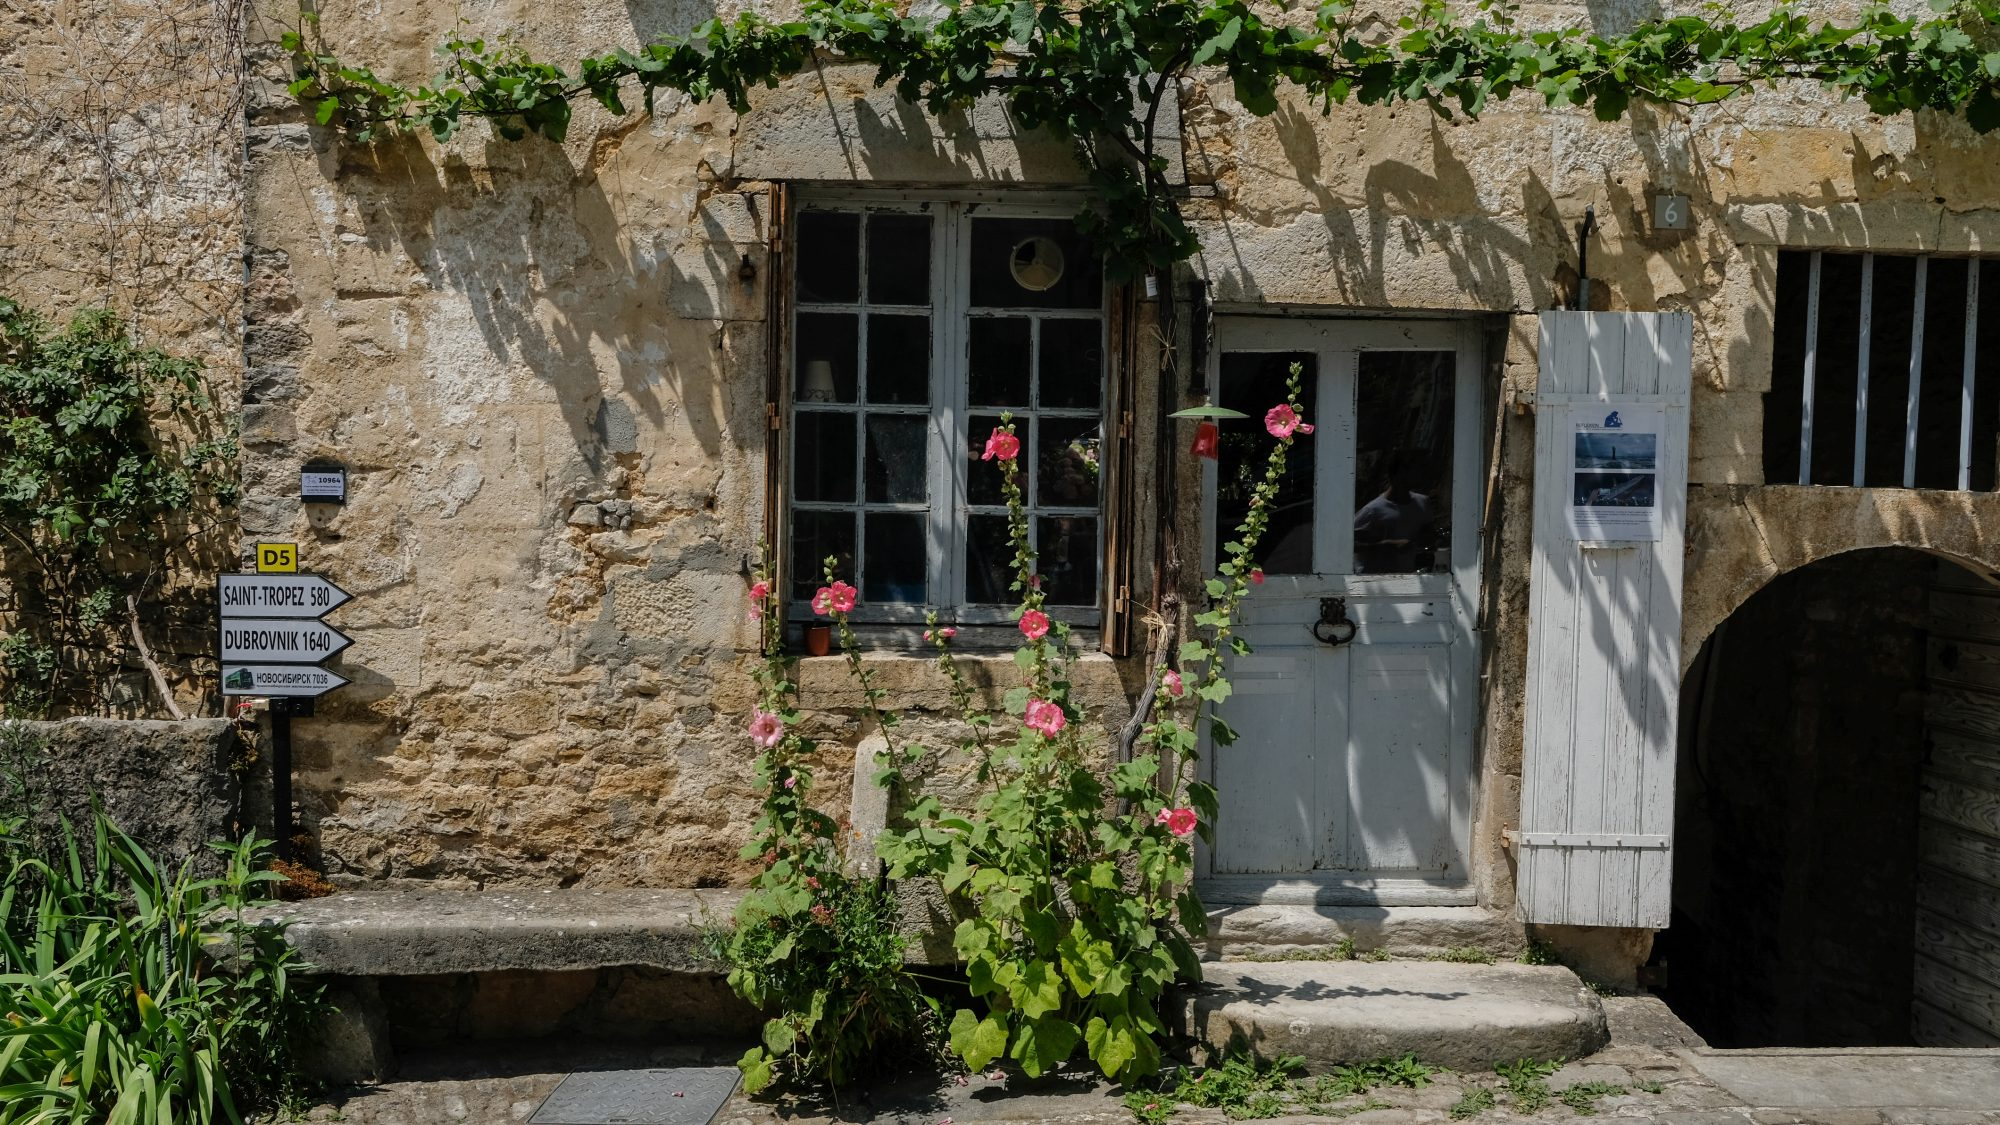 Saint tropez 580km - Chateau-Chalon, Jura